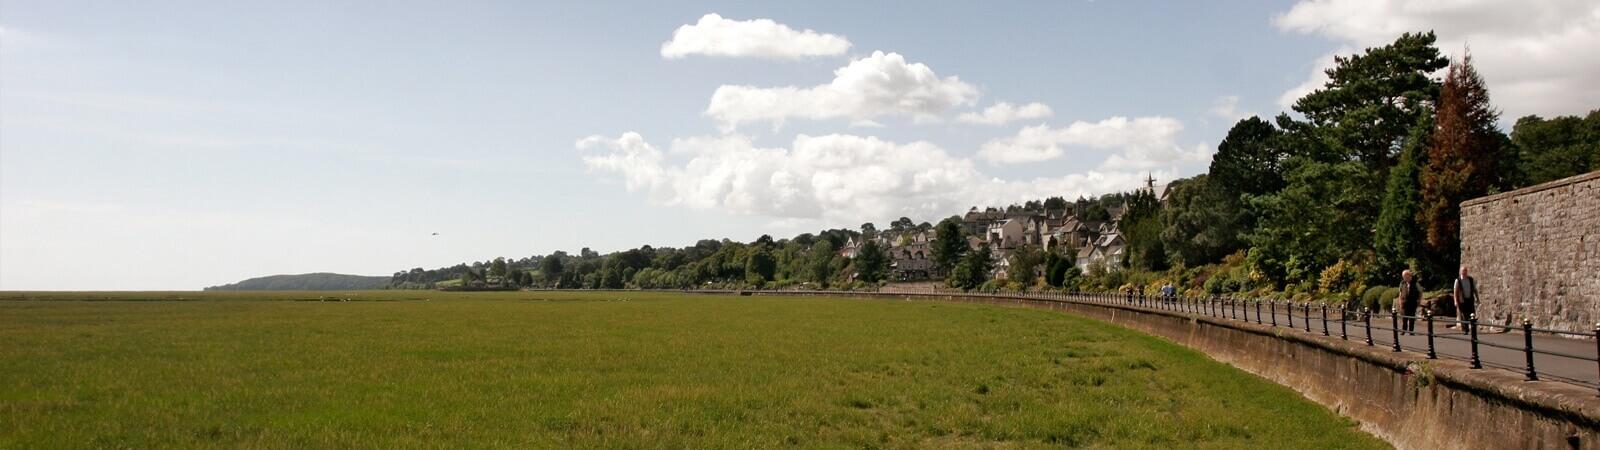 Grange-over-Sands, Cumbria